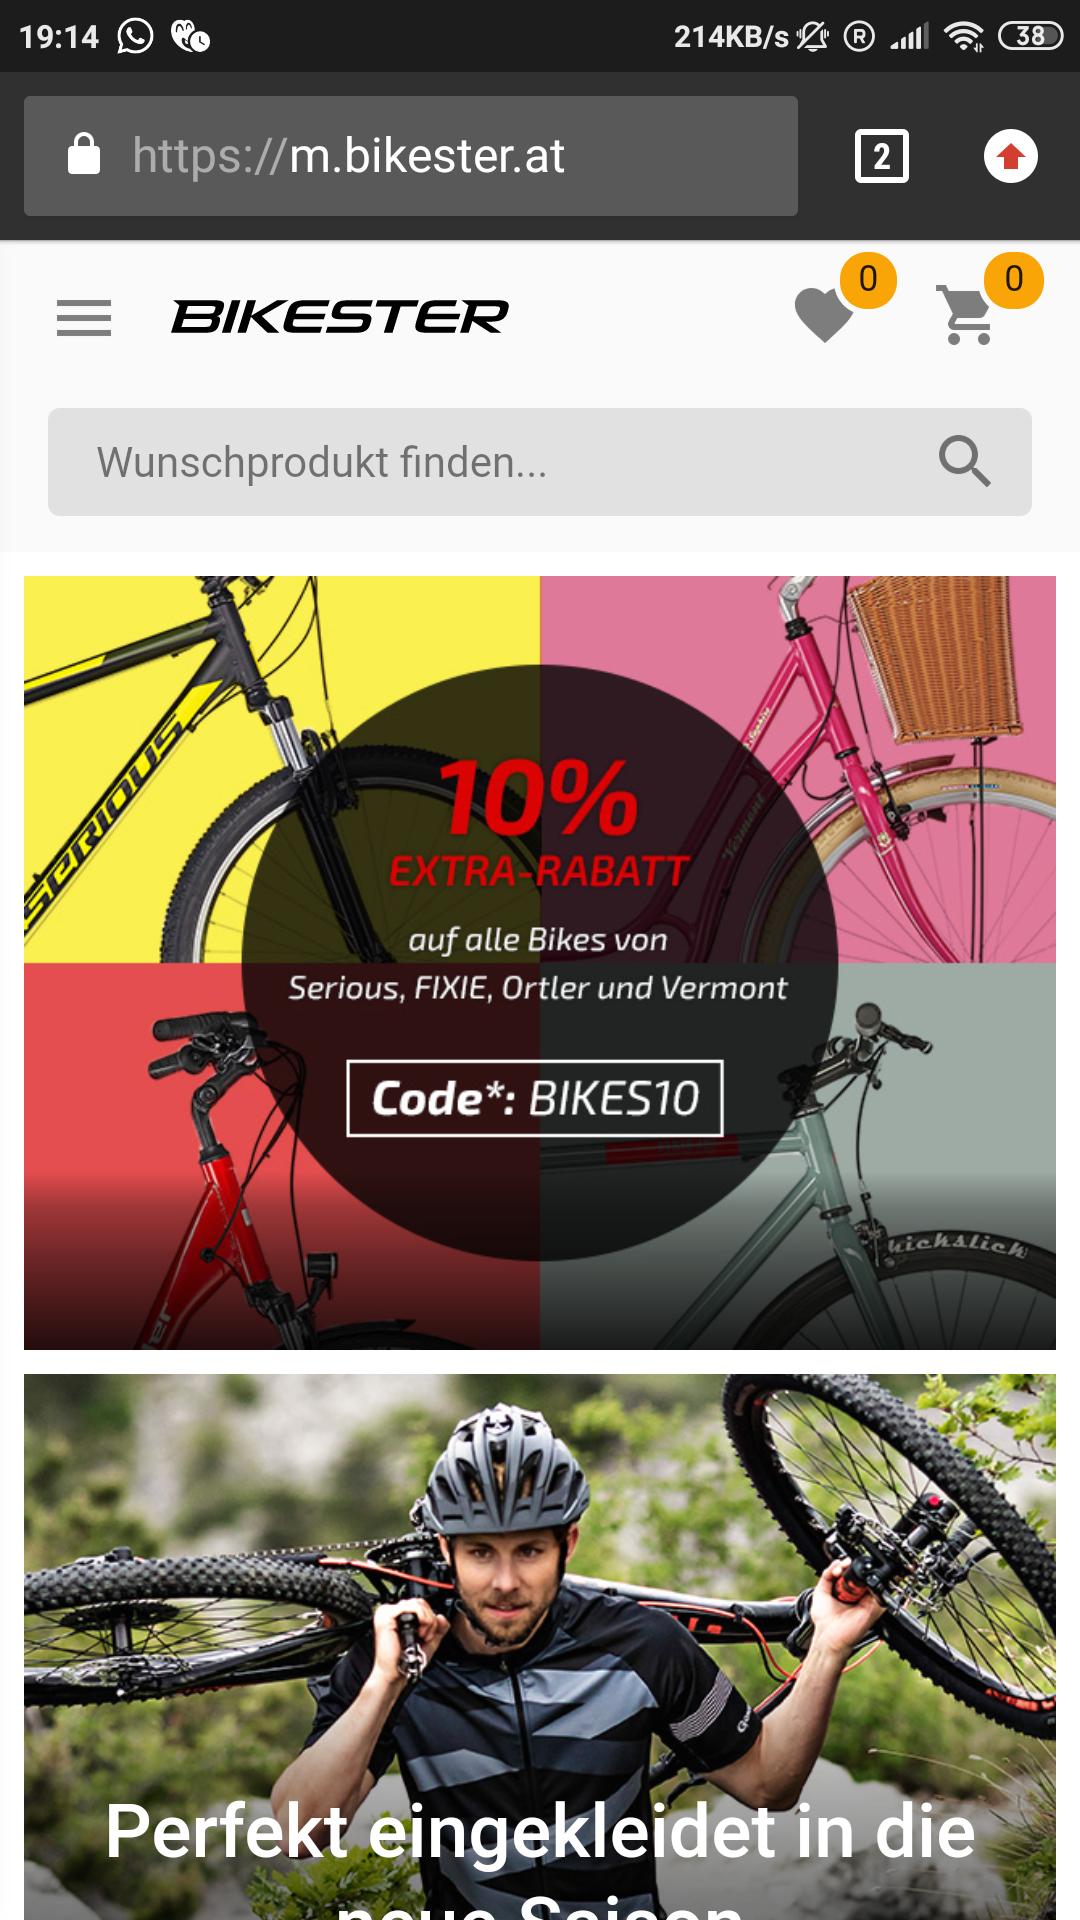 Bikester Fahrrad Fahrräder Eigenmarken auch SALE -10%  Top Preise für Bikes möglich